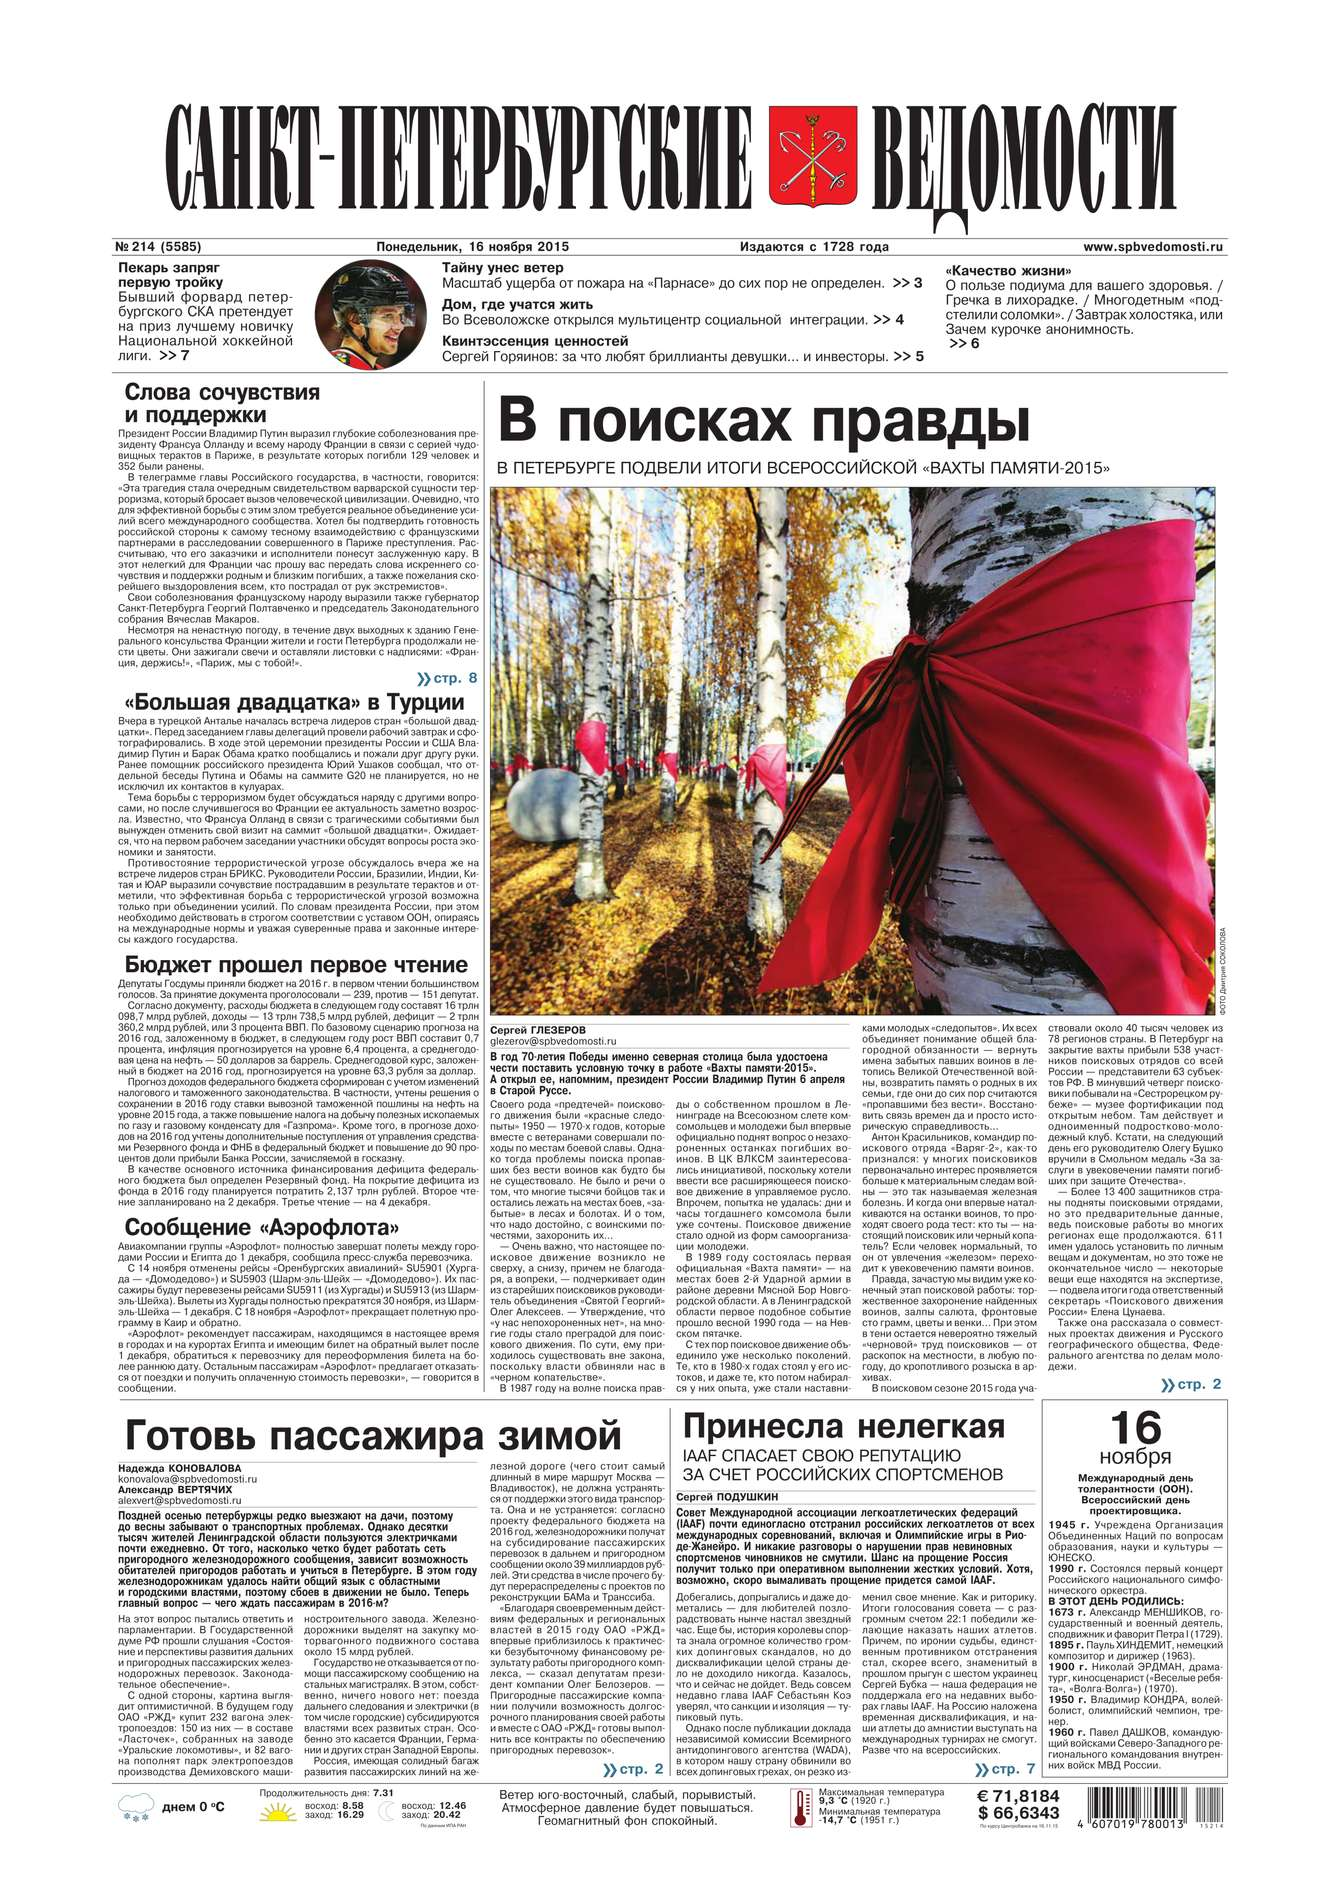 Редакция газеты Санкт-Петербургские ведомости 214-2015